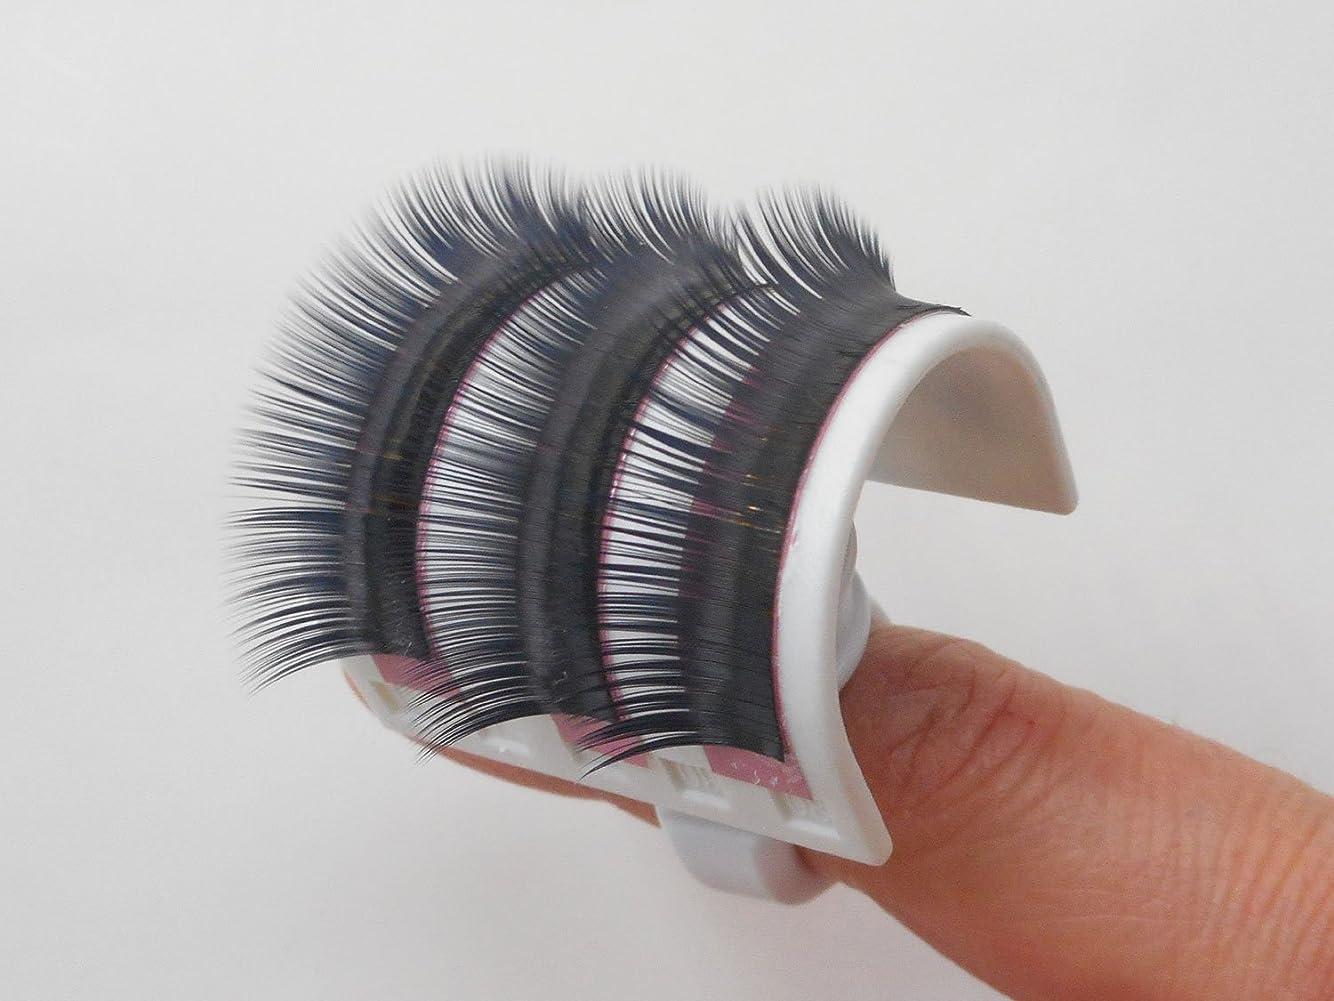 元に戻すハシー国まつげエクステ リング ホルダー まつ毛エクステ アイラッシュ  2個入り Eyelash Extension Glue Ring holder